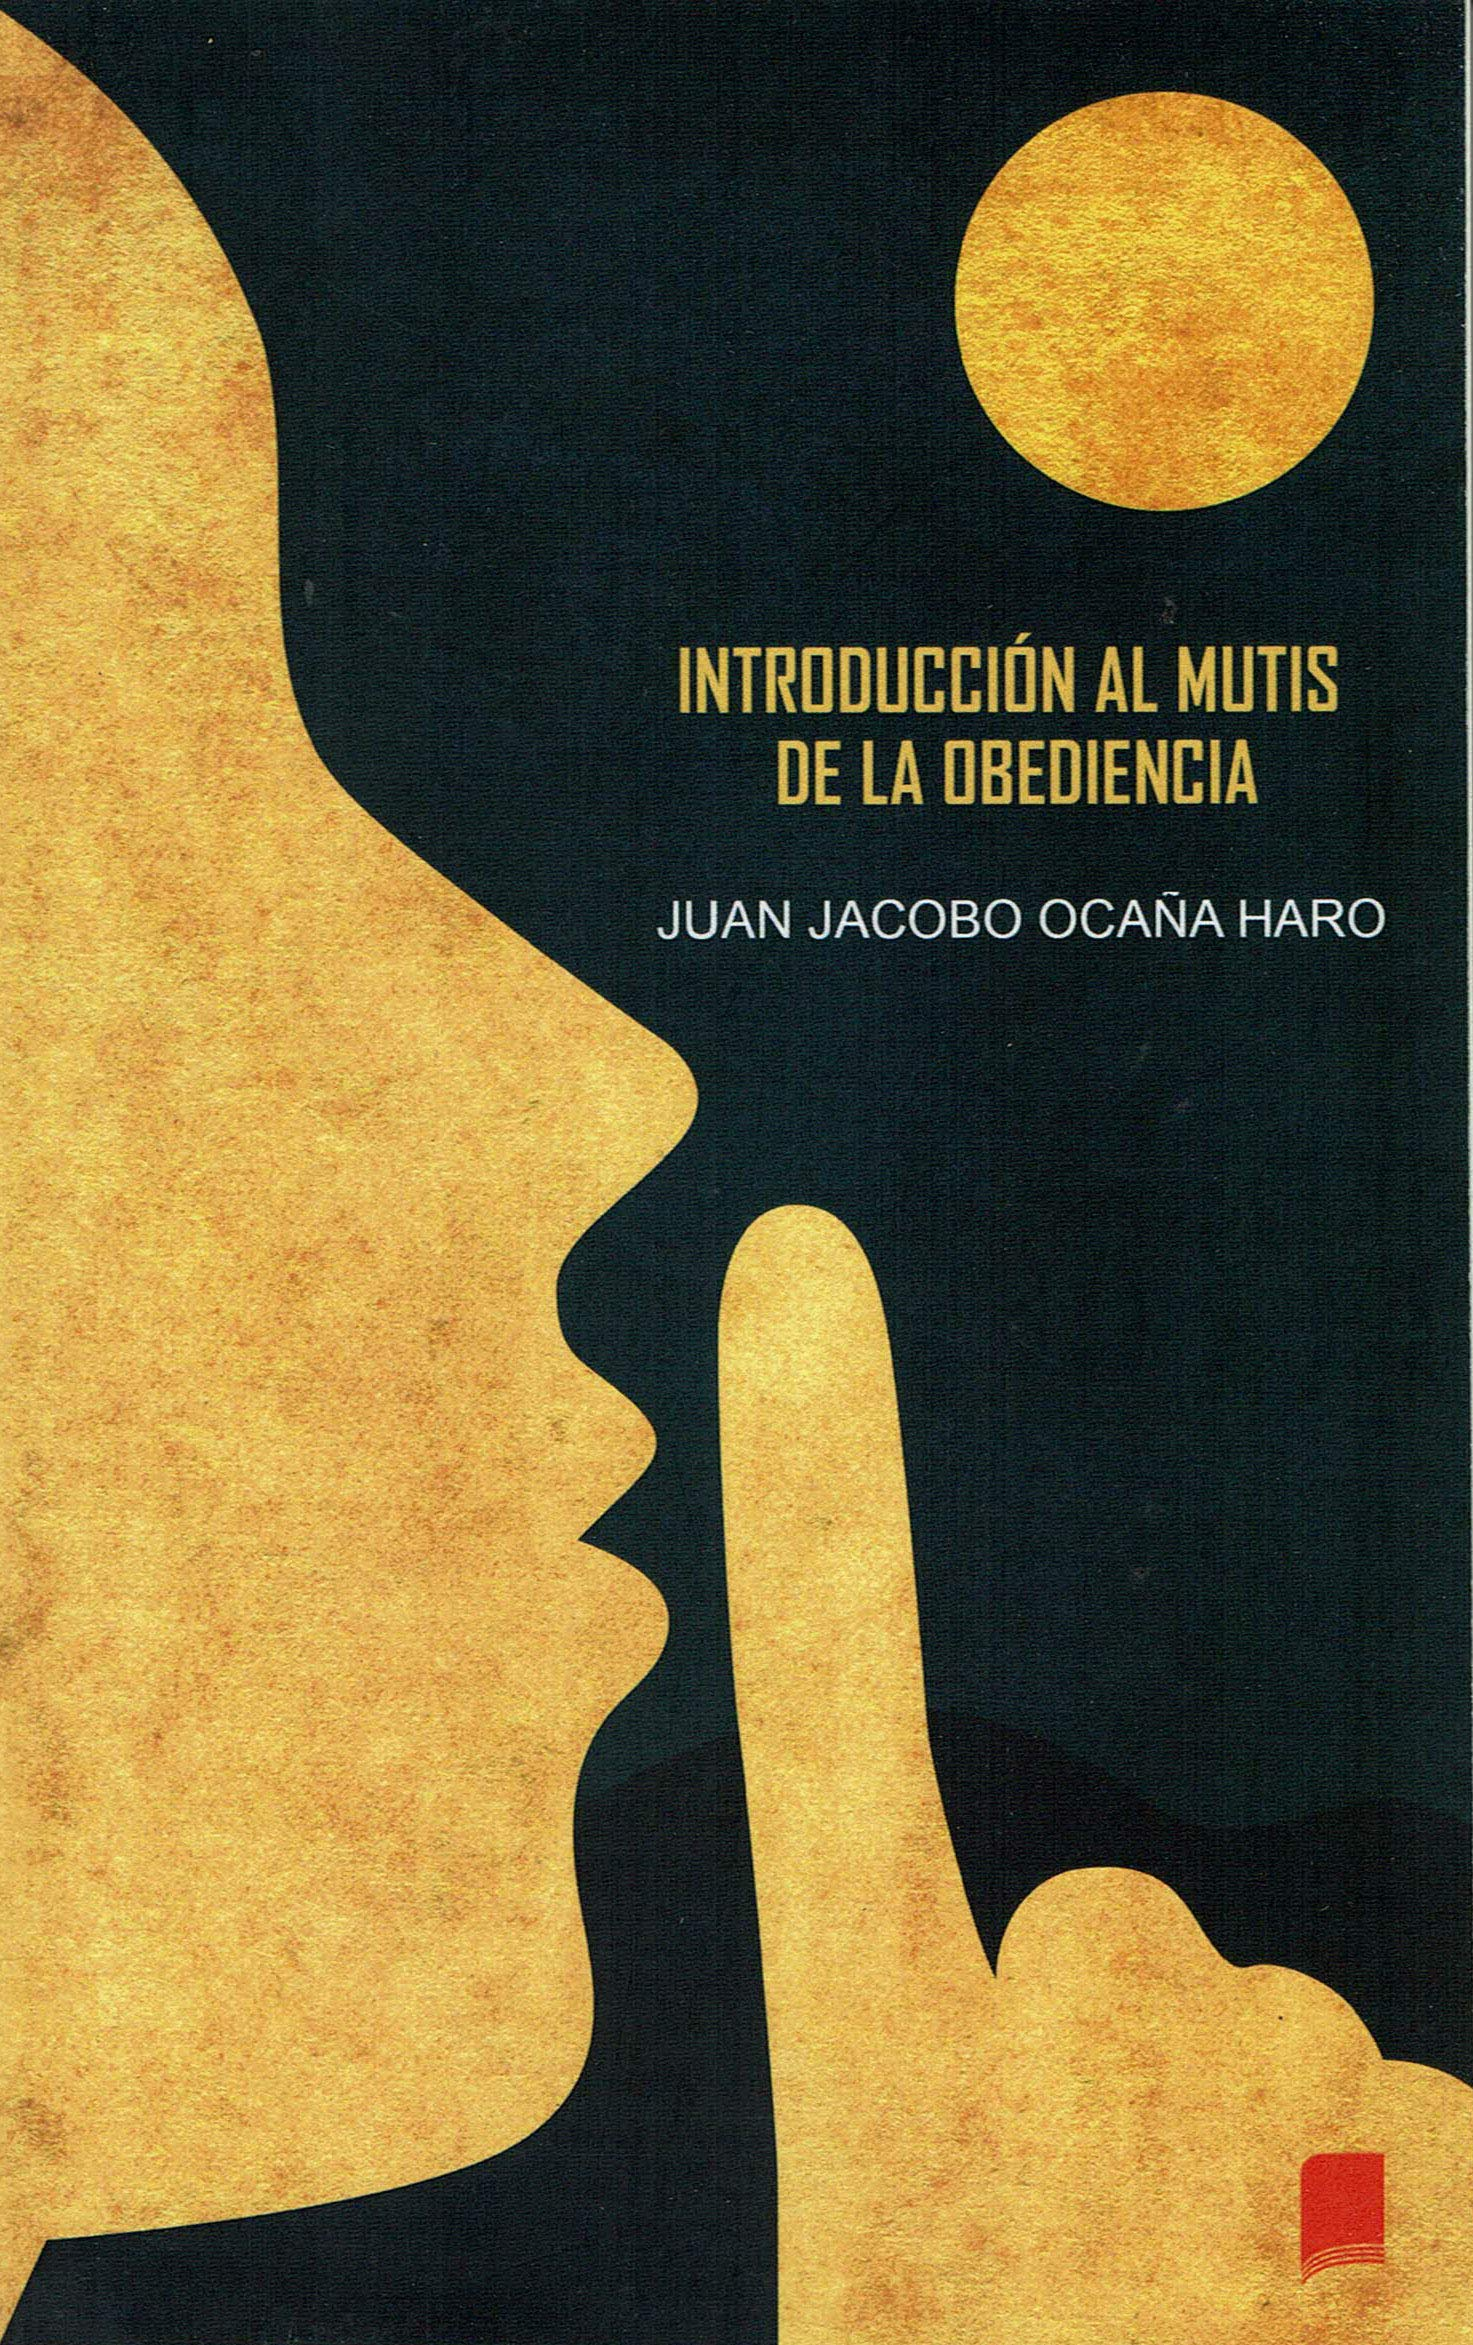 INTRODUCCIÓN AL MUTIS DE LA OBEDIENCIA: Amazon.es: Juan Jacobo Ocaña Haro, Juan Jacobo Ocaña Haro: Libros